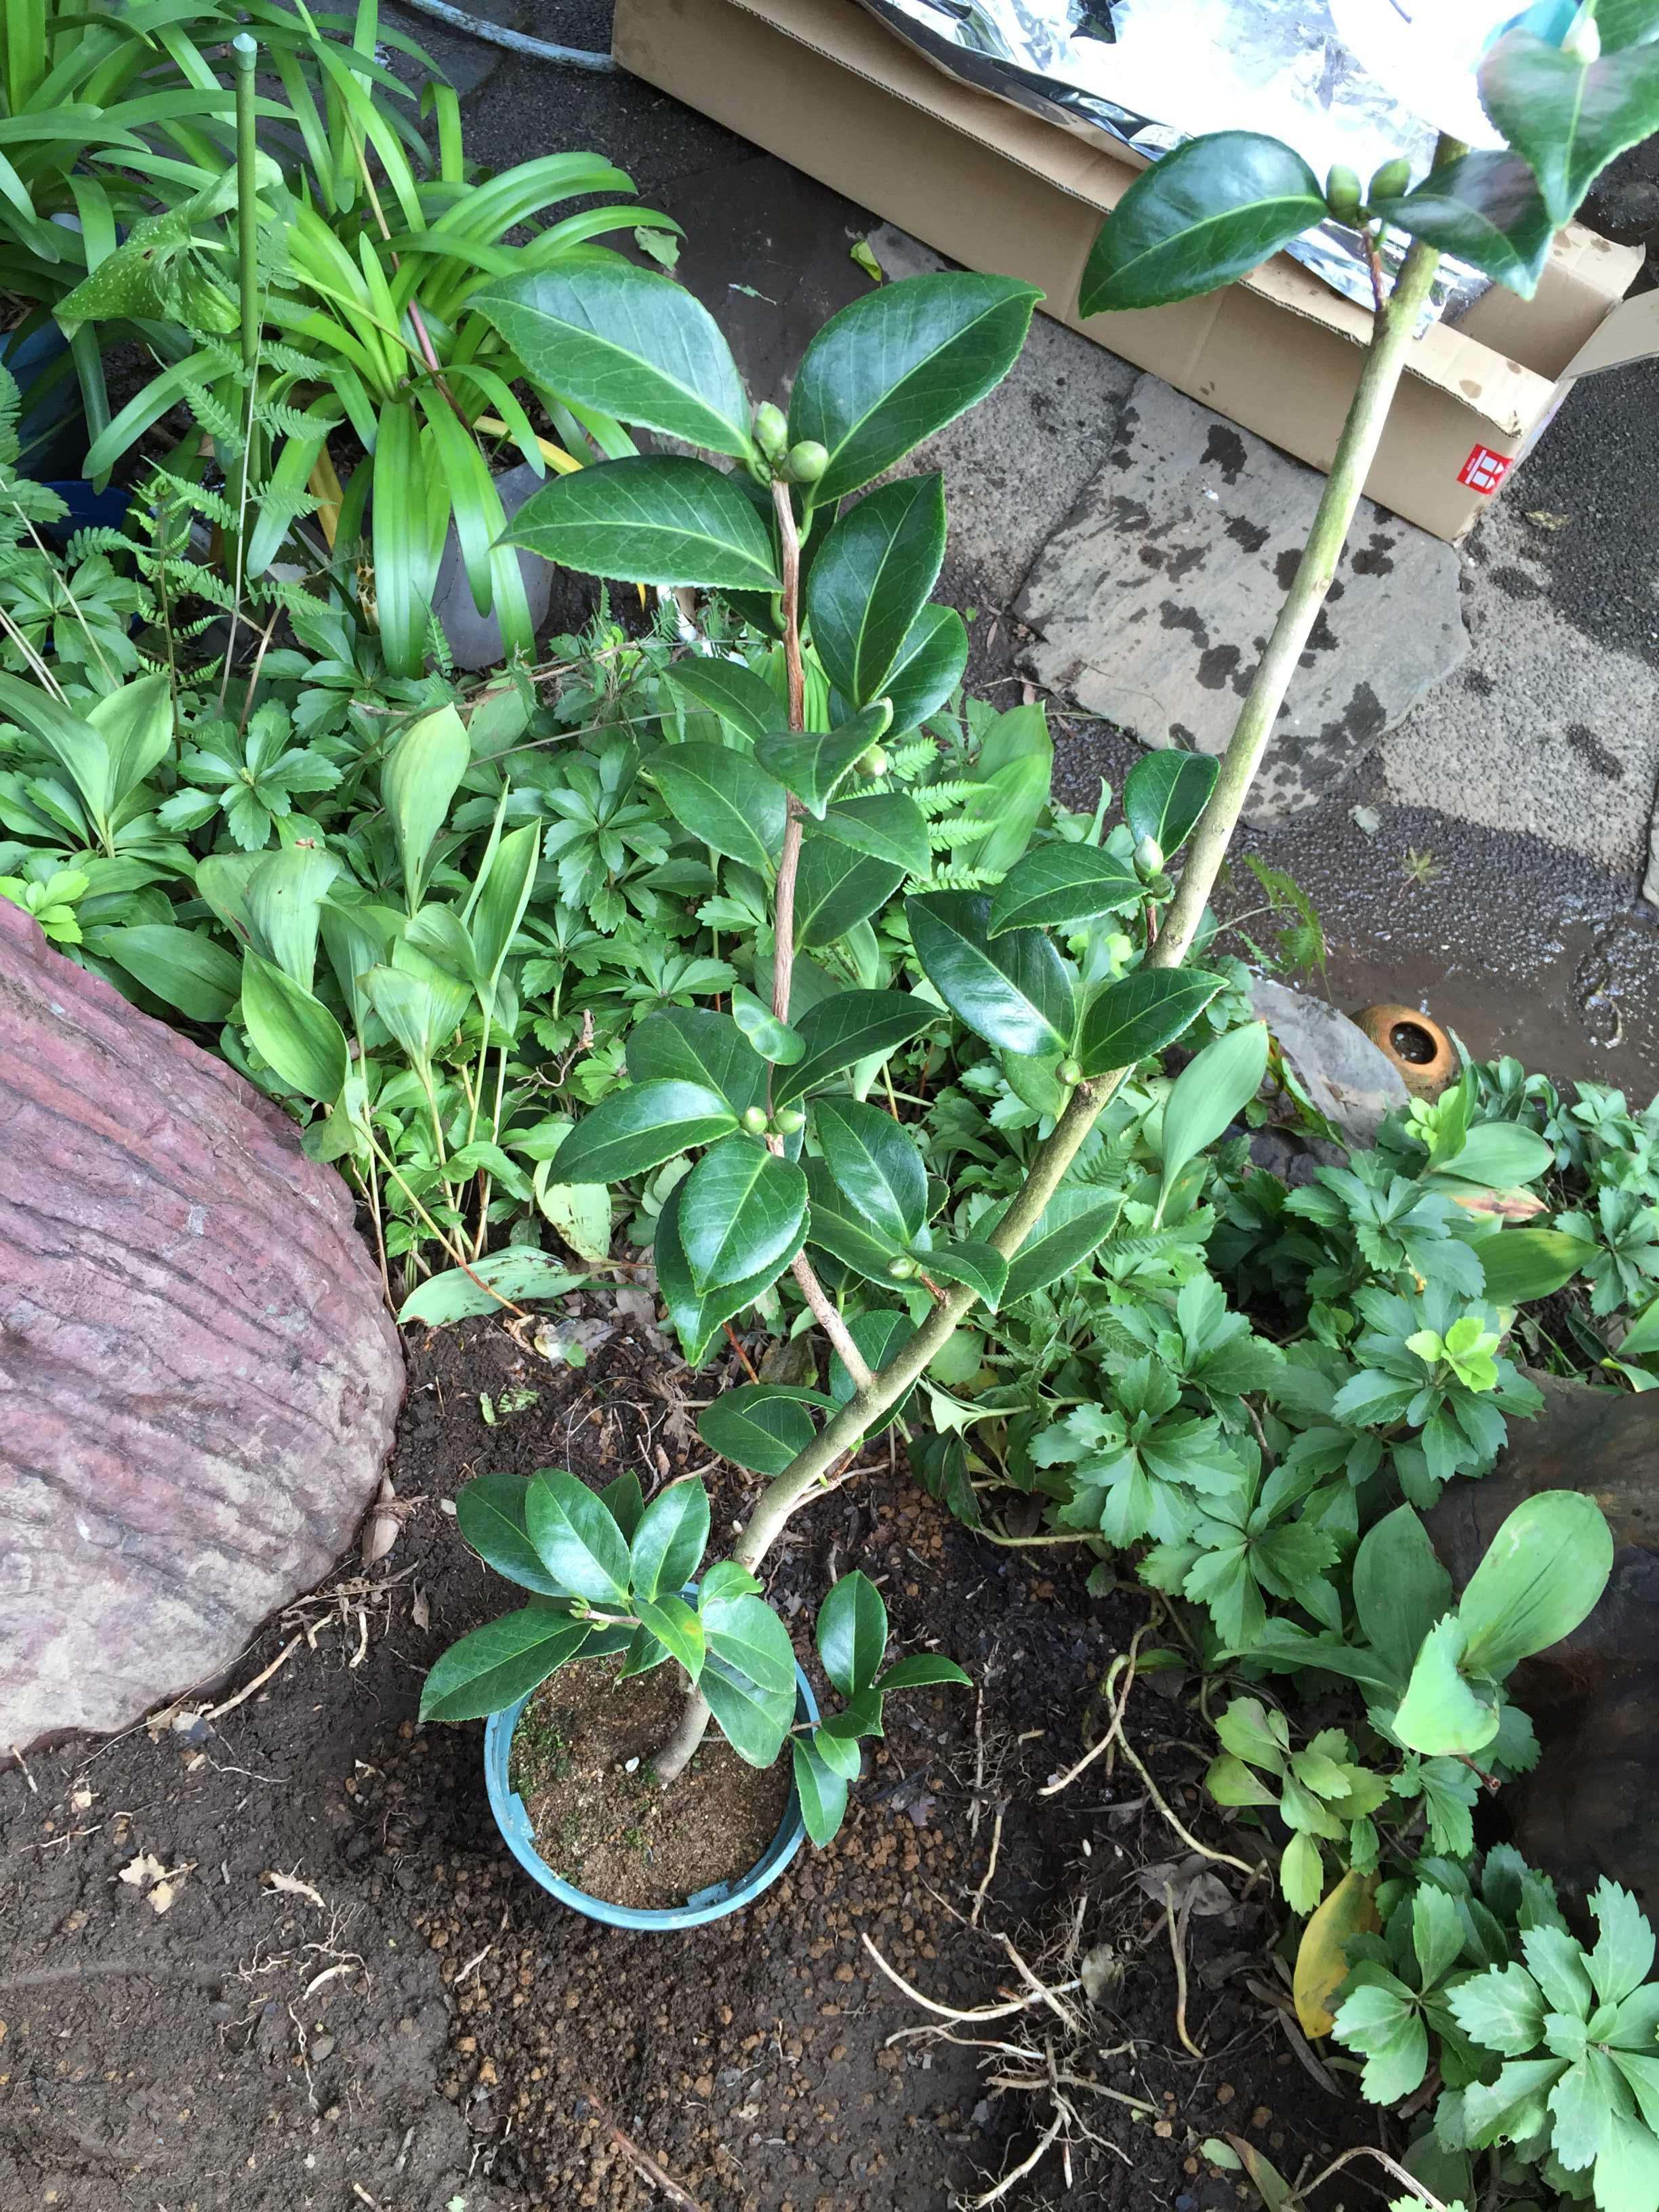 ポット植え(鉢植え)の淡乙女の苗木